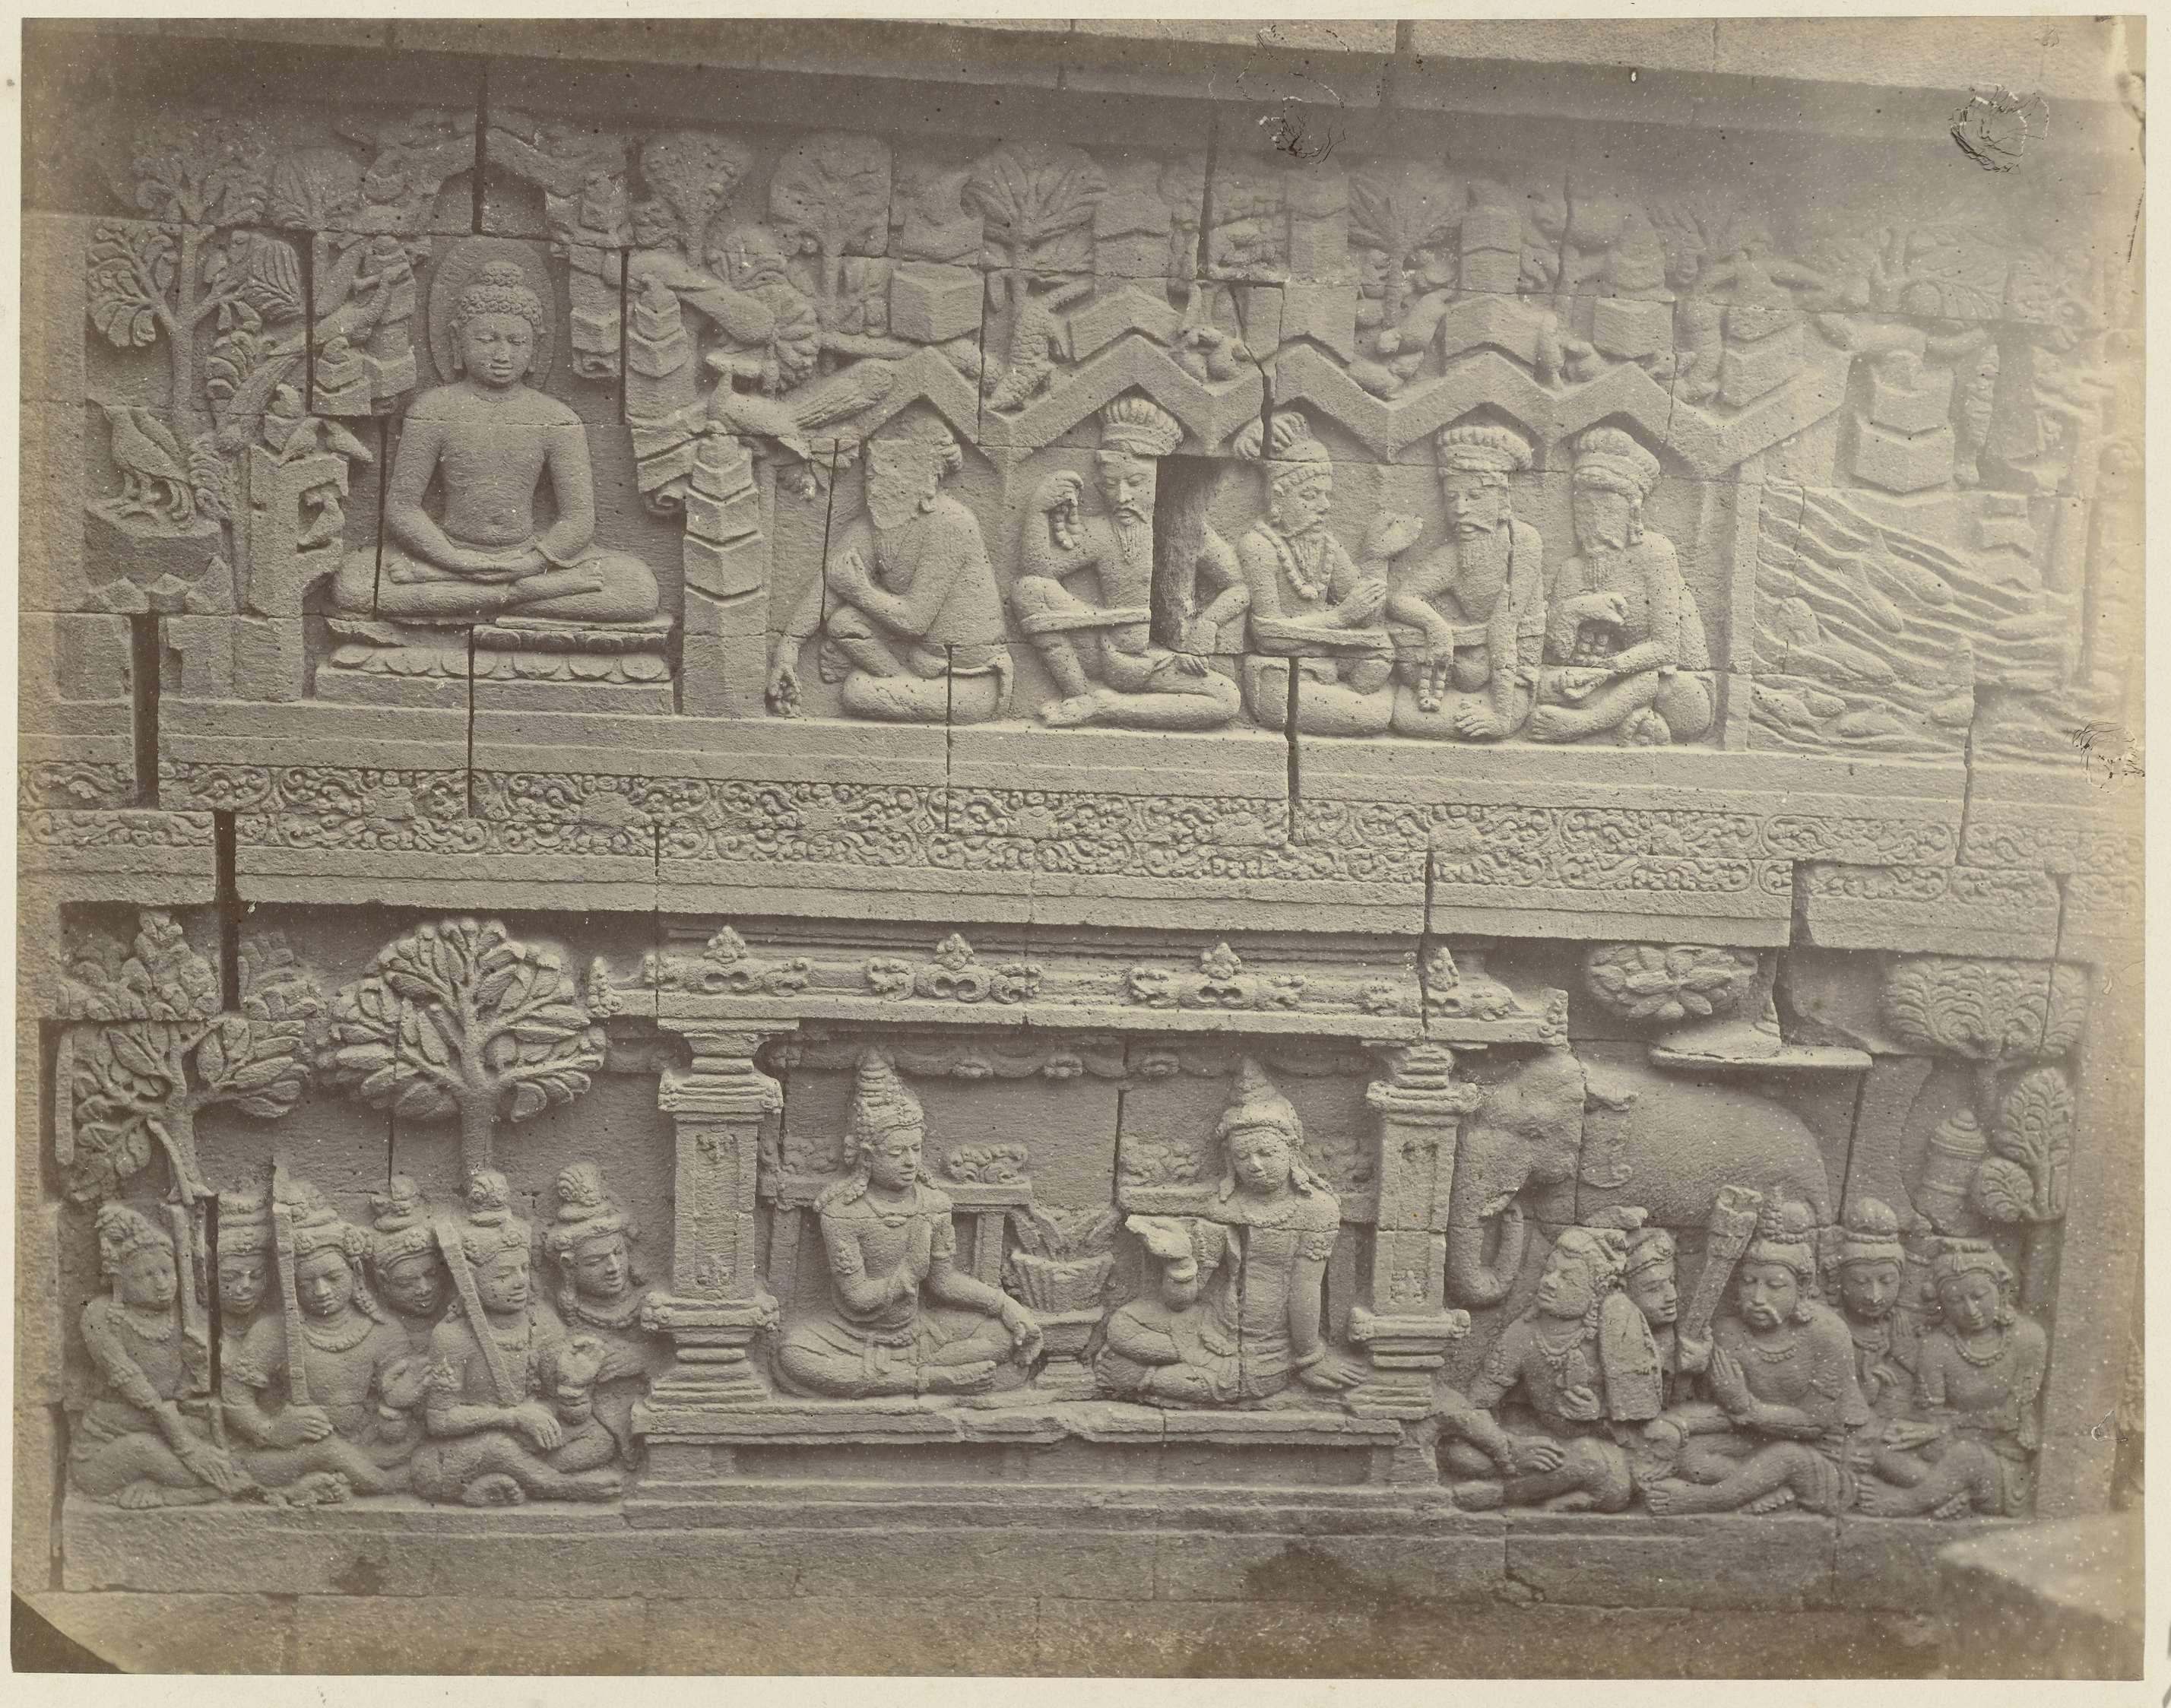 Isidore van Kinsbergen | Basreliëf in de muur aan de noordzijde van de Borobudur, Isidore van Kinsbergen, 1873 | Waarvan het bovenste gedeelte een verhaal verteld van Siddhartha in Lalitavistara en het onderste een Avadana relief het verhaal van Rudrayana.